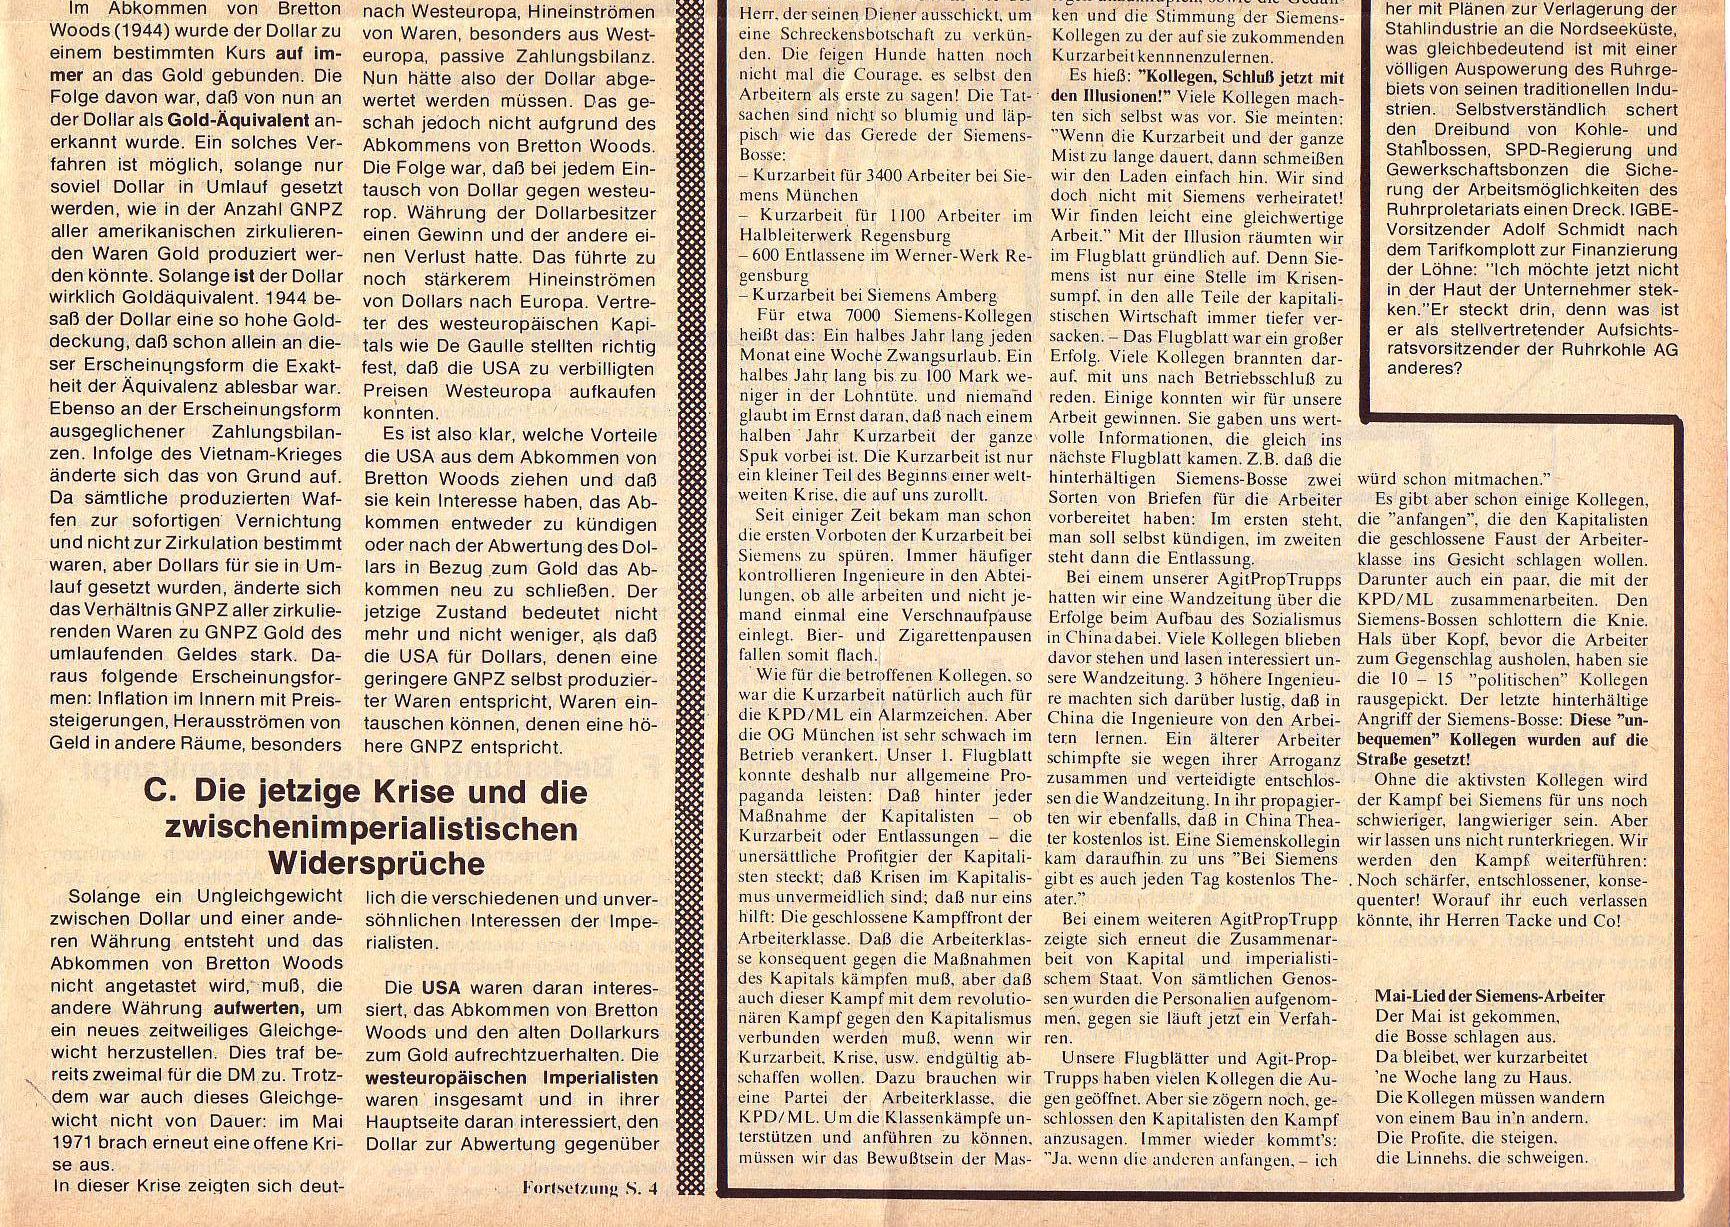 Roter Morgen, 5. Jg., Mai 1971, Nr. 5, Seite 3b